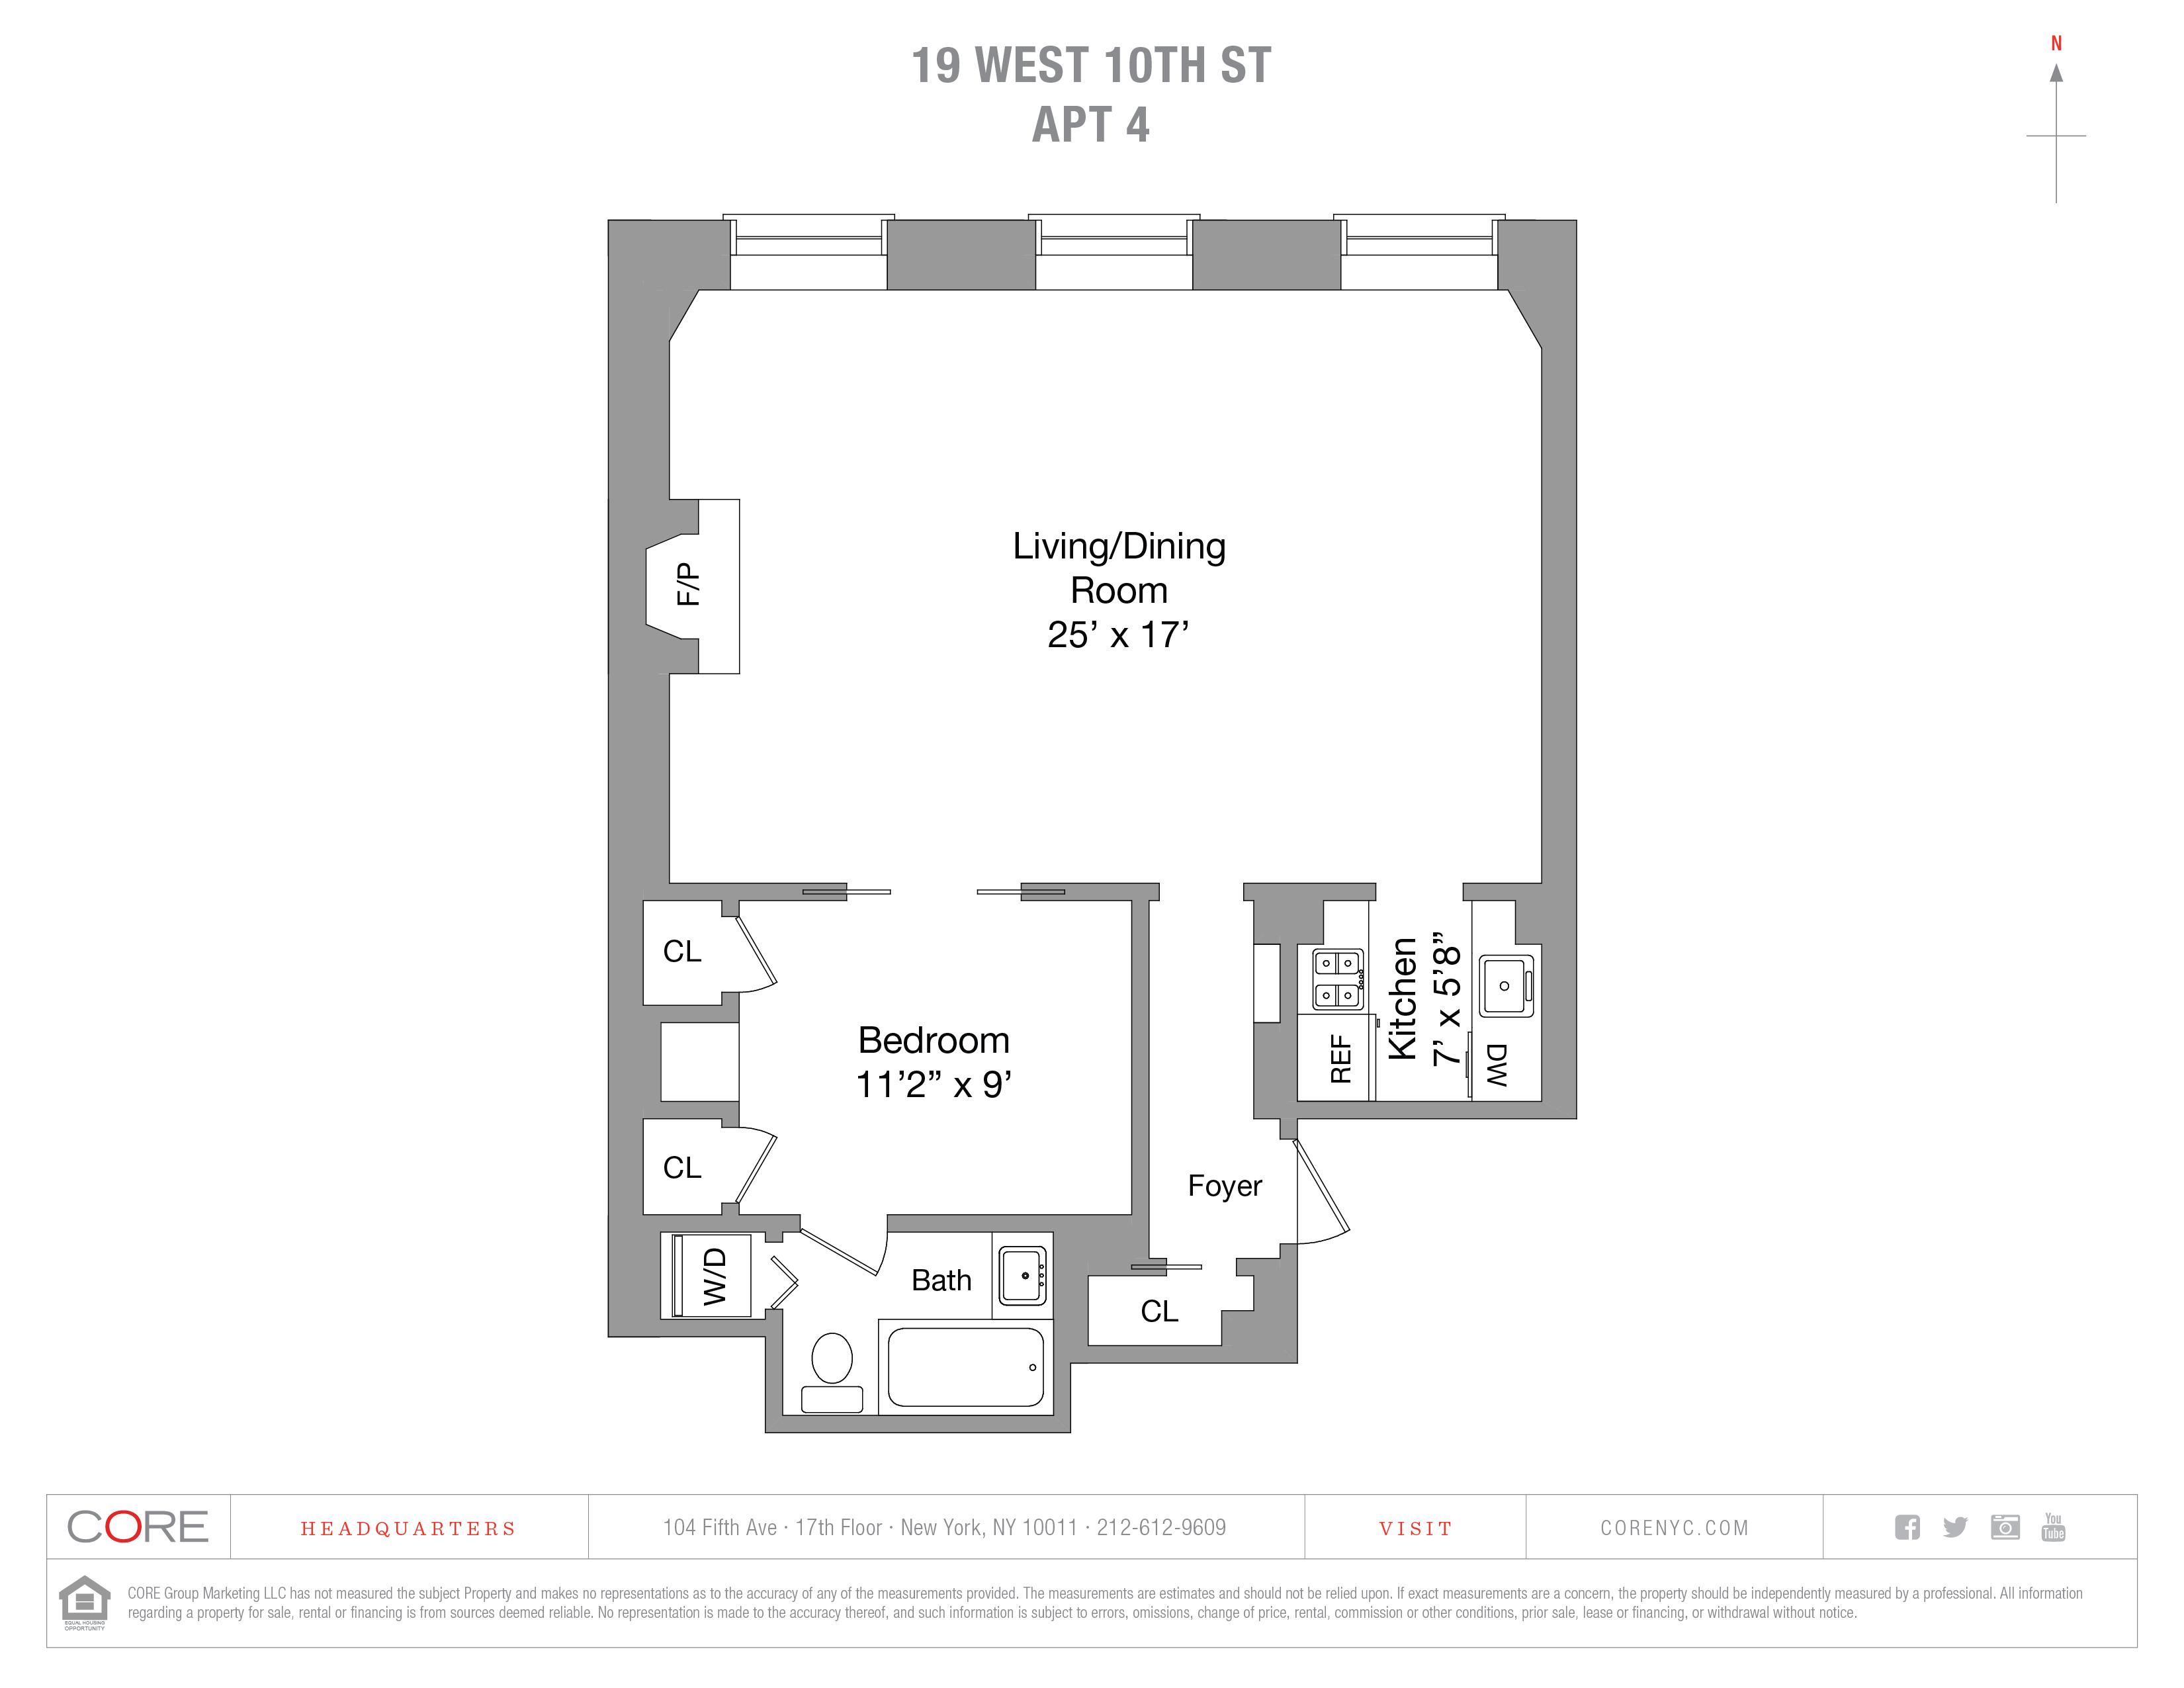 19 West 10th St. 4, New York, NY 10011